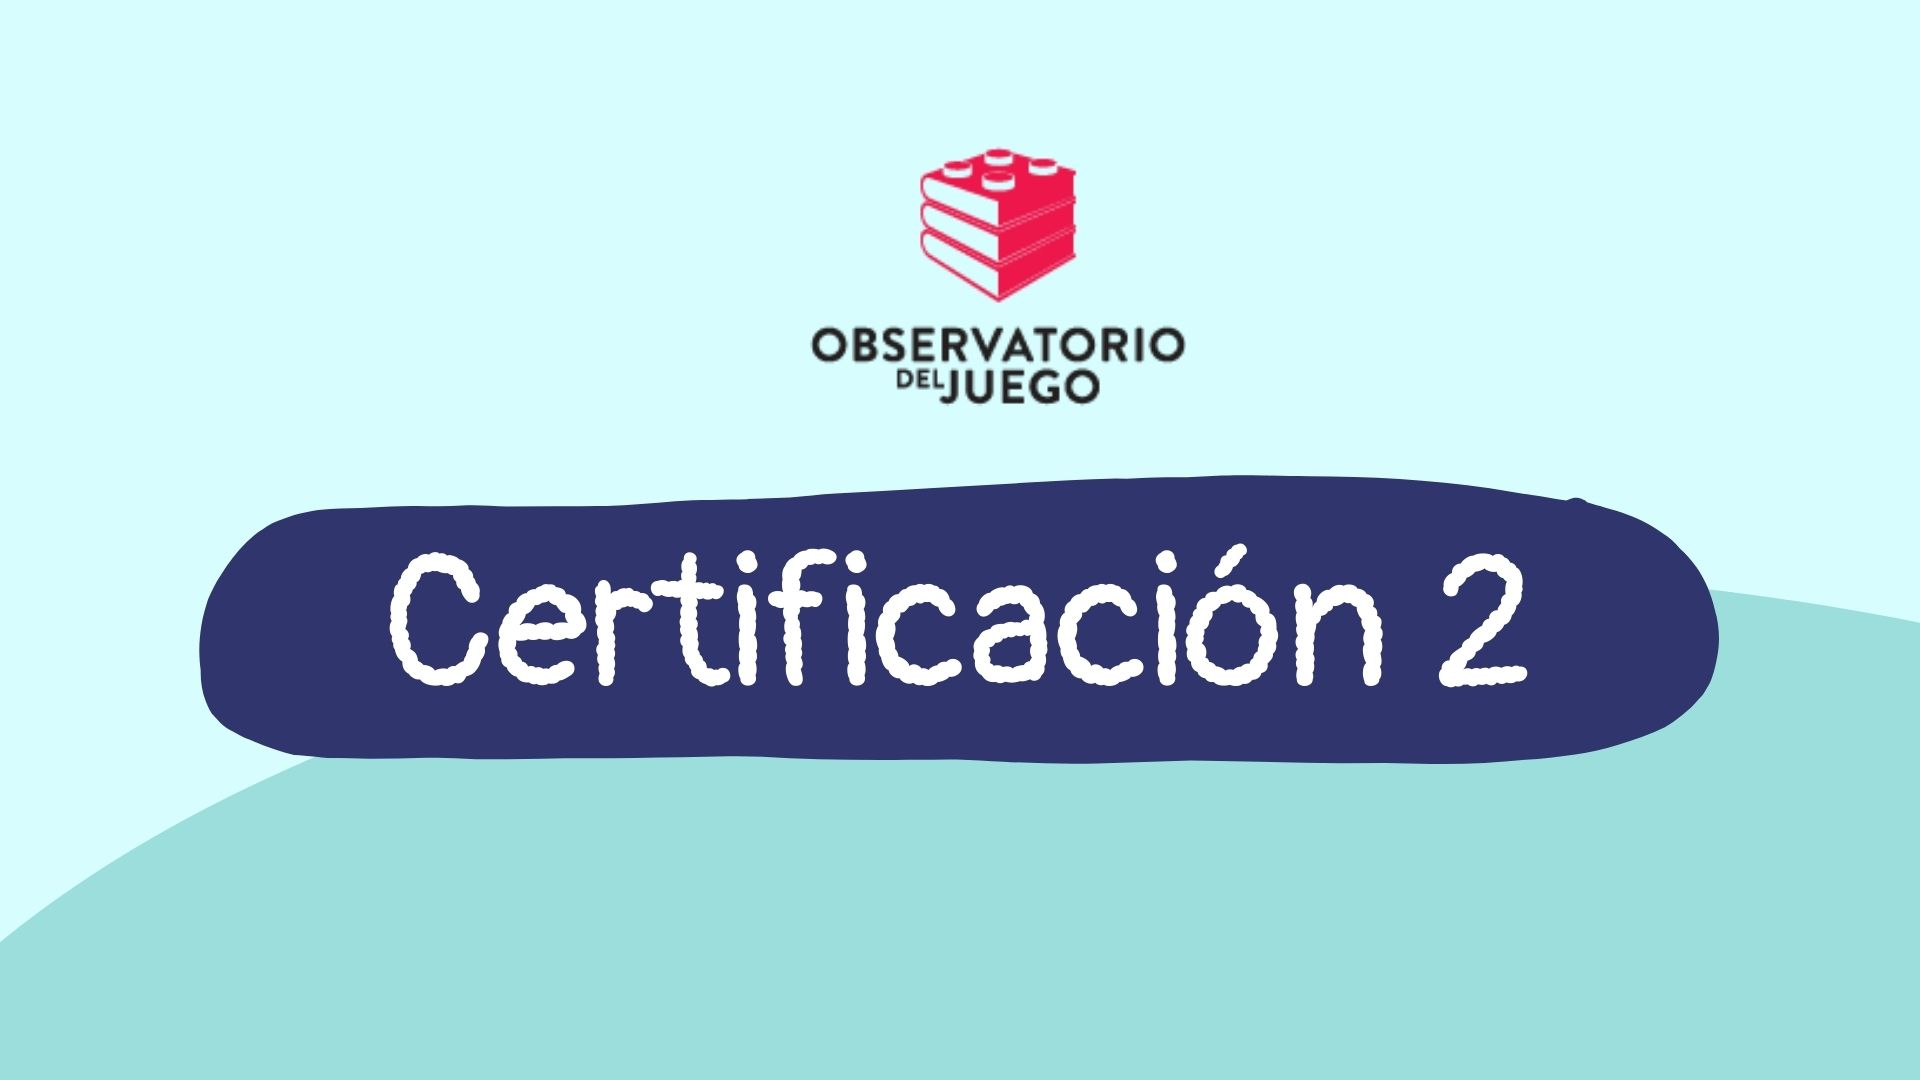 Certificacion 2